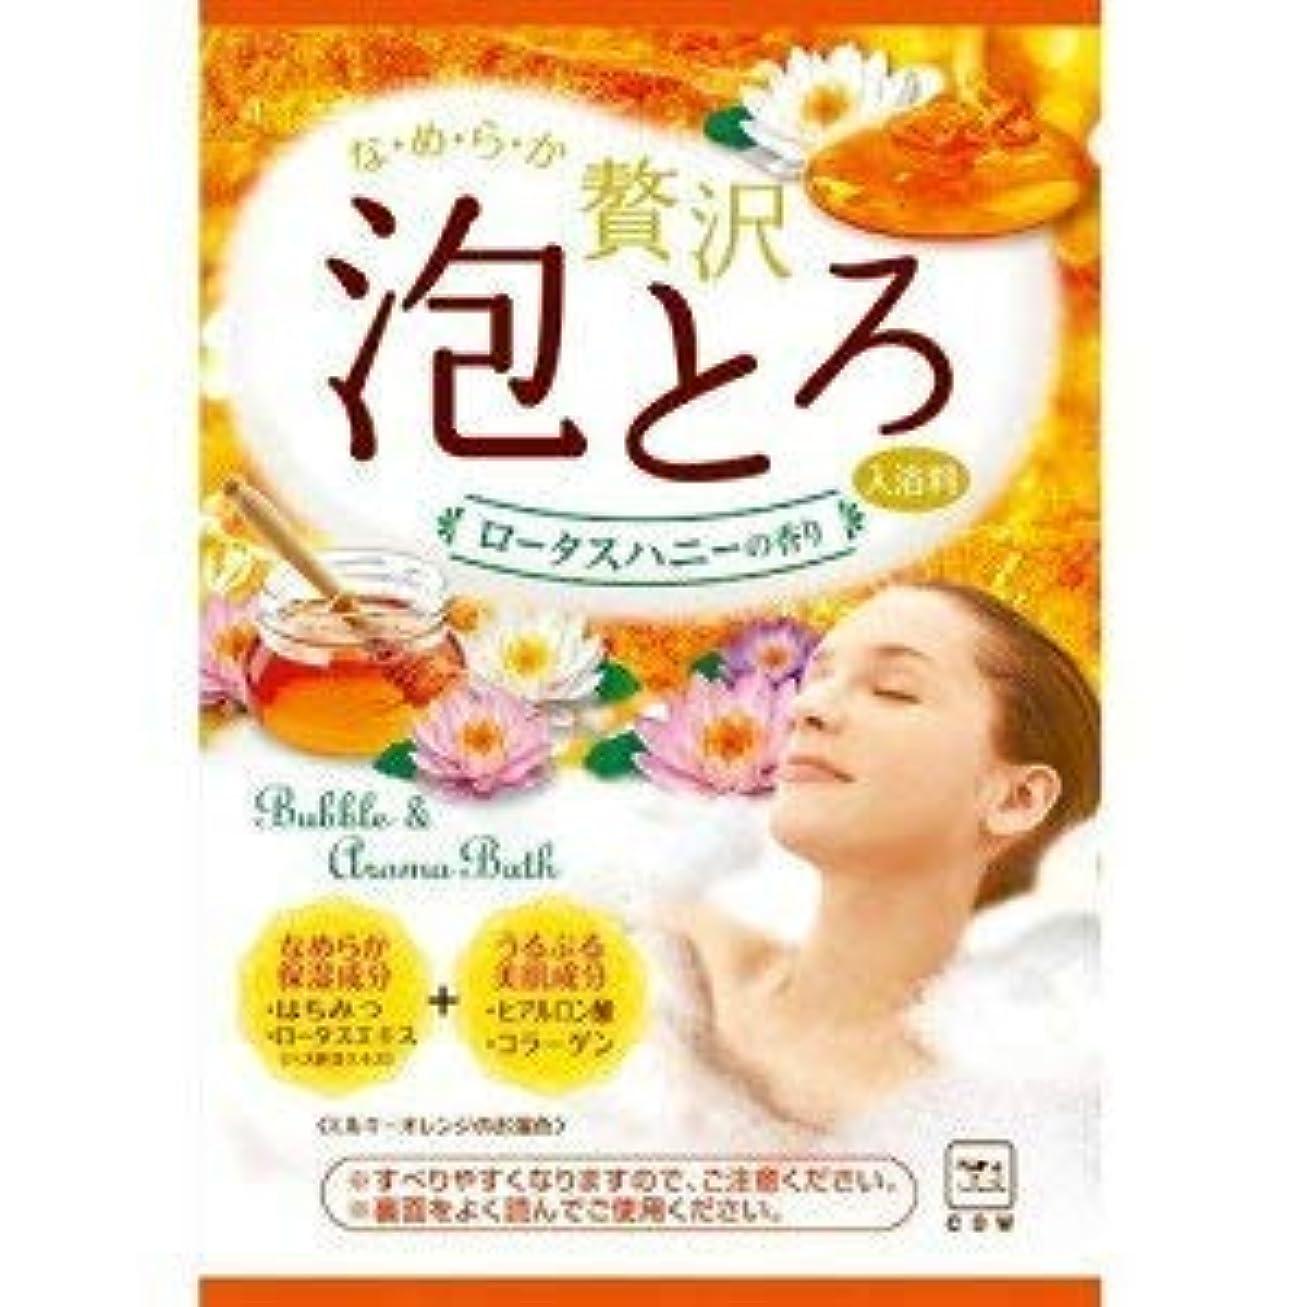 余計なバレエ病な牛乳石鹸 お湯物語 贅沢泡とろ 入浴料 ロータスハニー 30g 16個セット